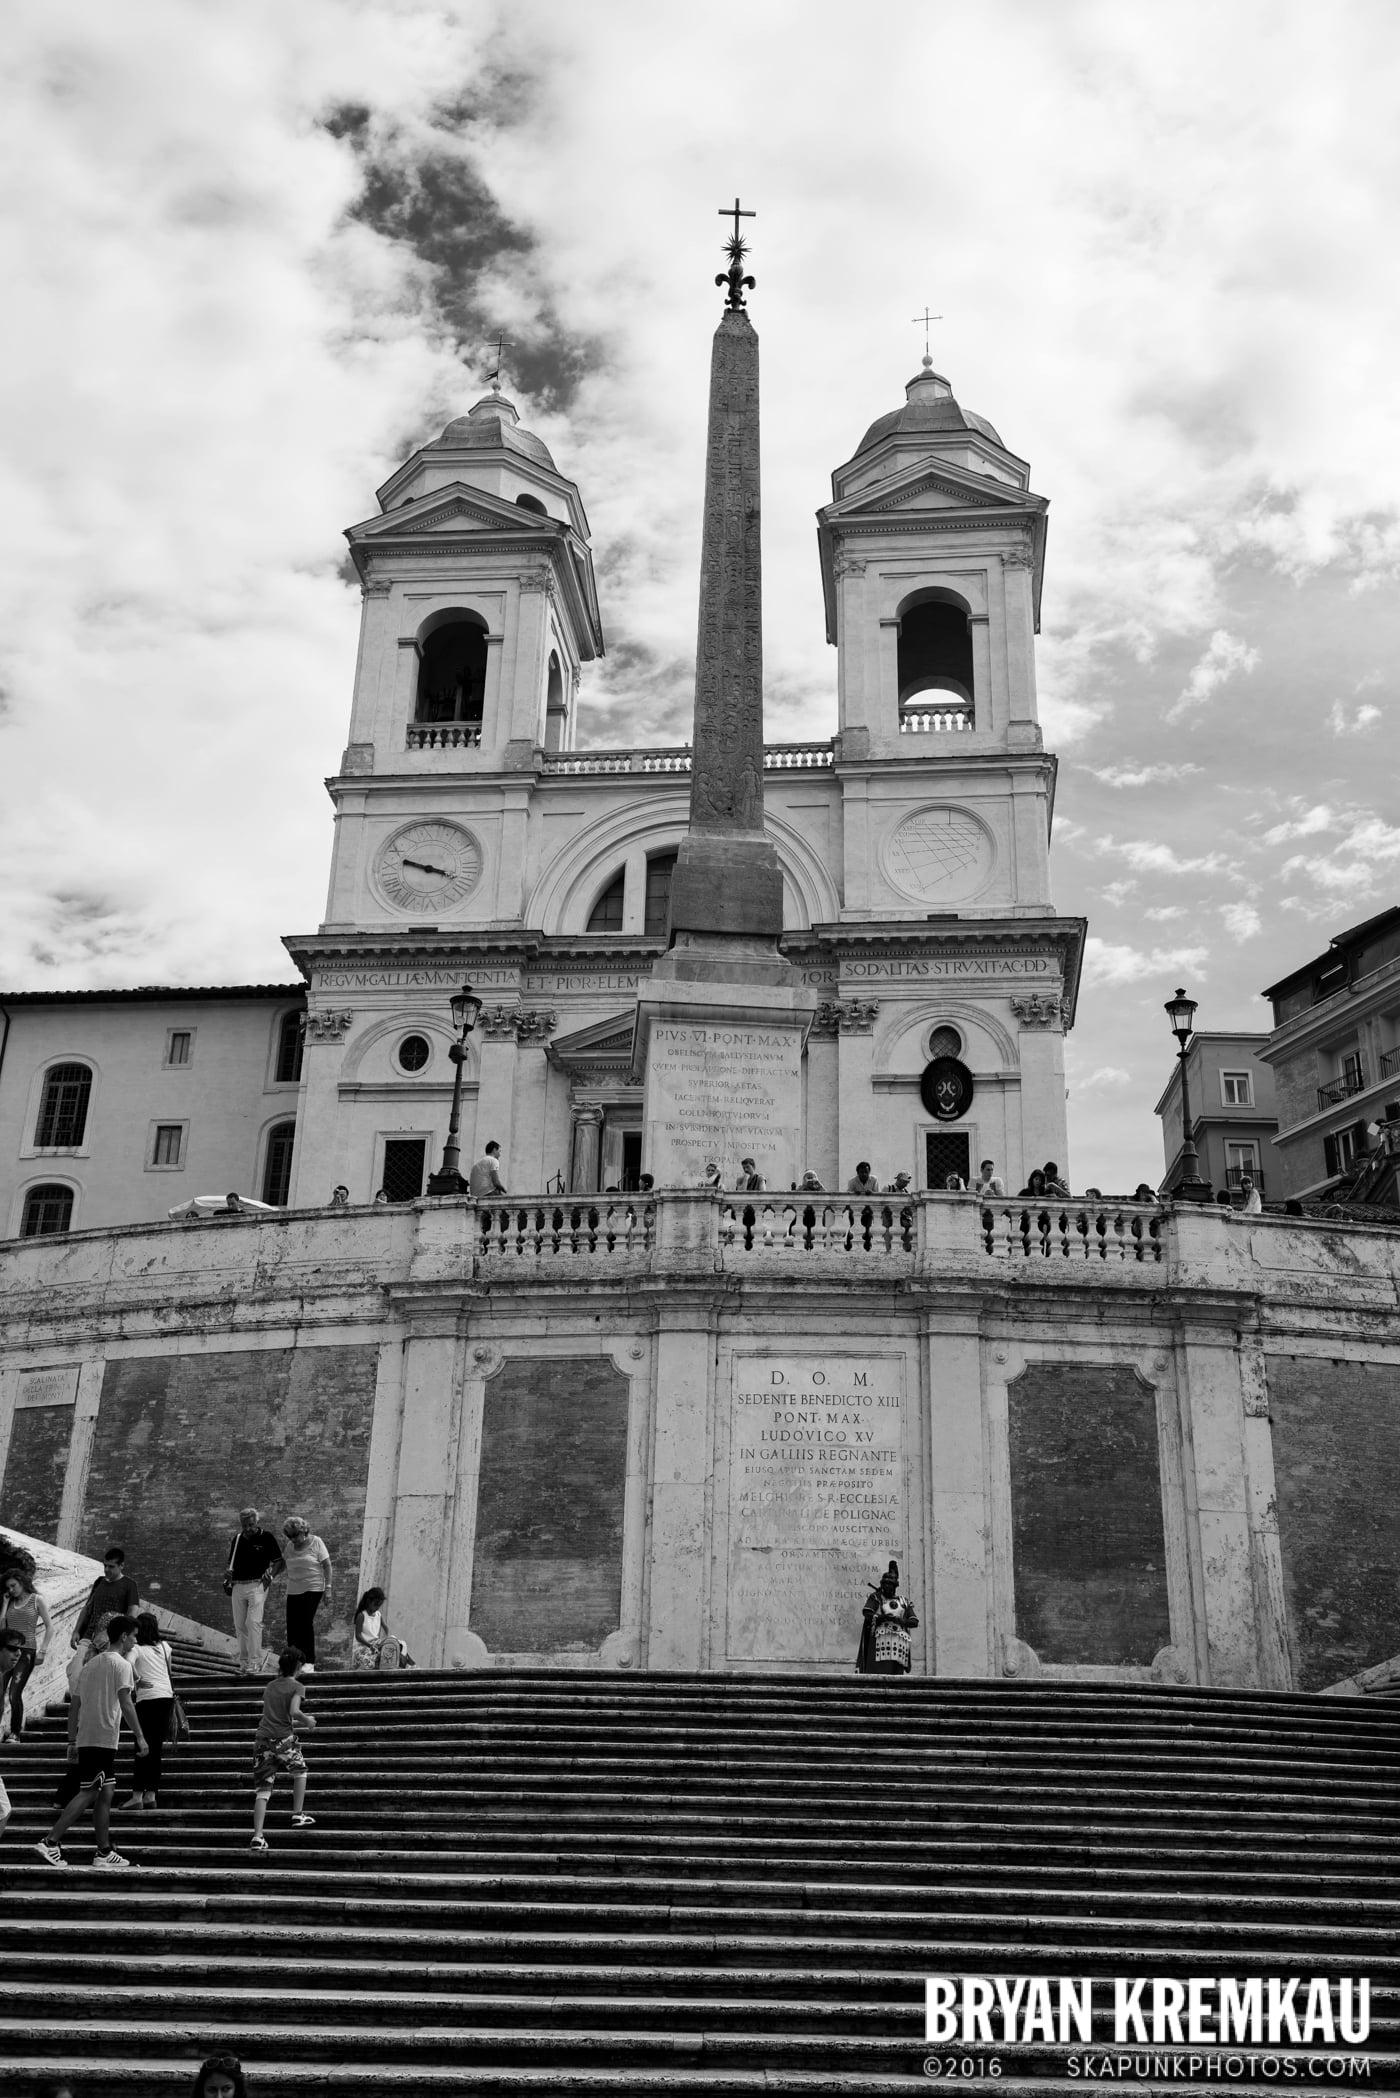 Italy Vacation - Day 1: Rome - 9.9.13 (64)